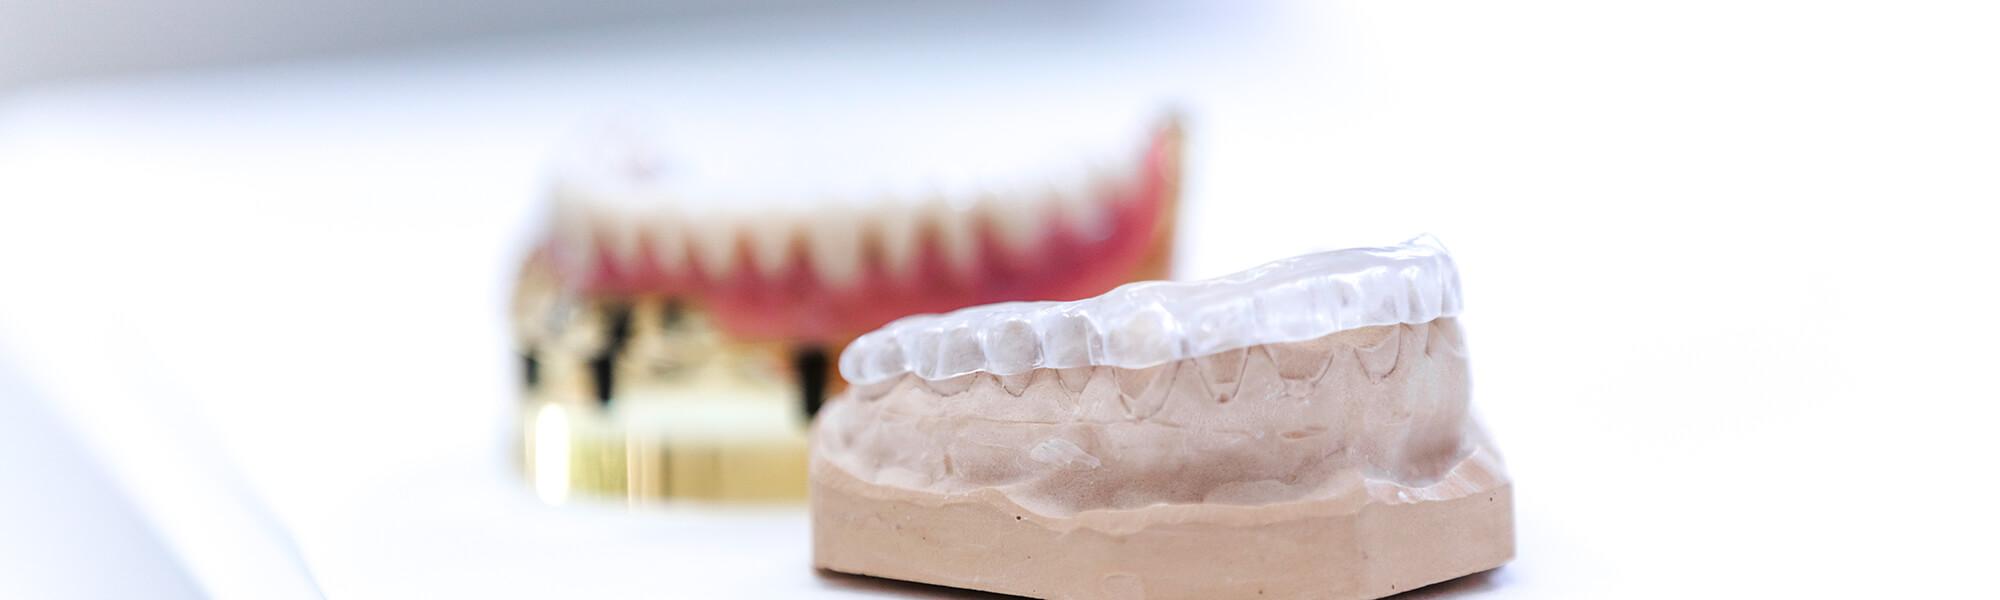 Zahnarzt Viersen - Implantologie - Dr. Guen